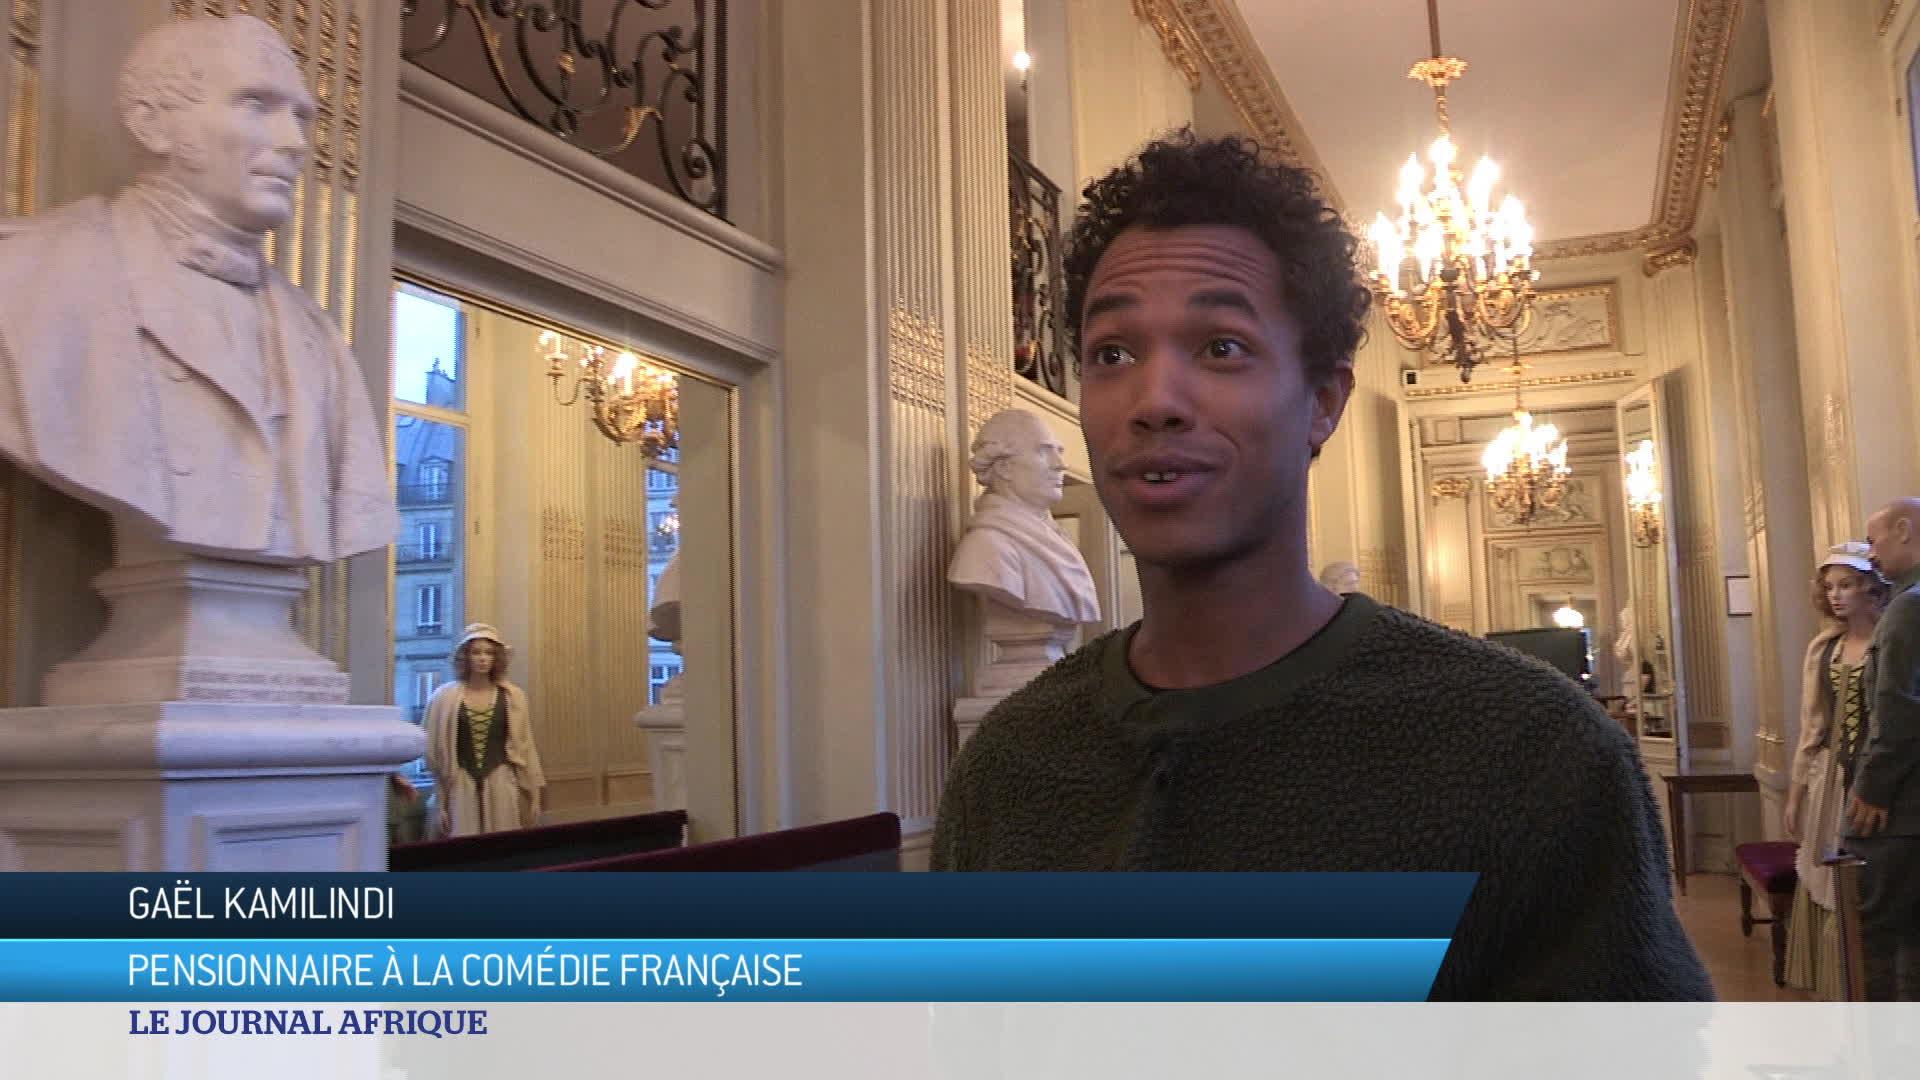 Théatre : la Comédie française vient de recruter un nouveau pensionnaire